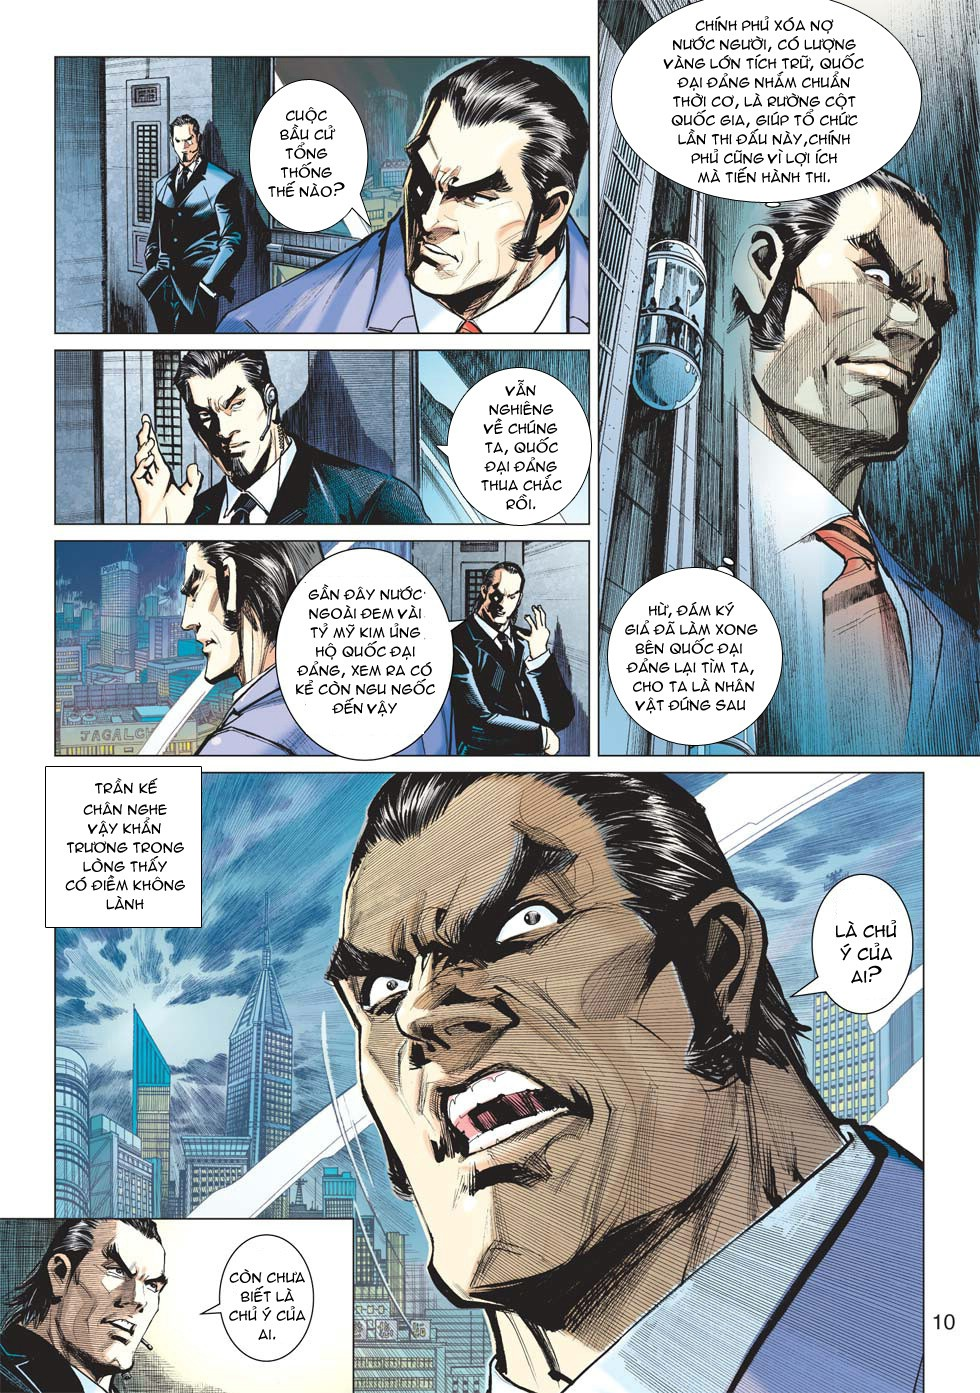 Vương Phong Lôi 1 chap 27 - Trang 9